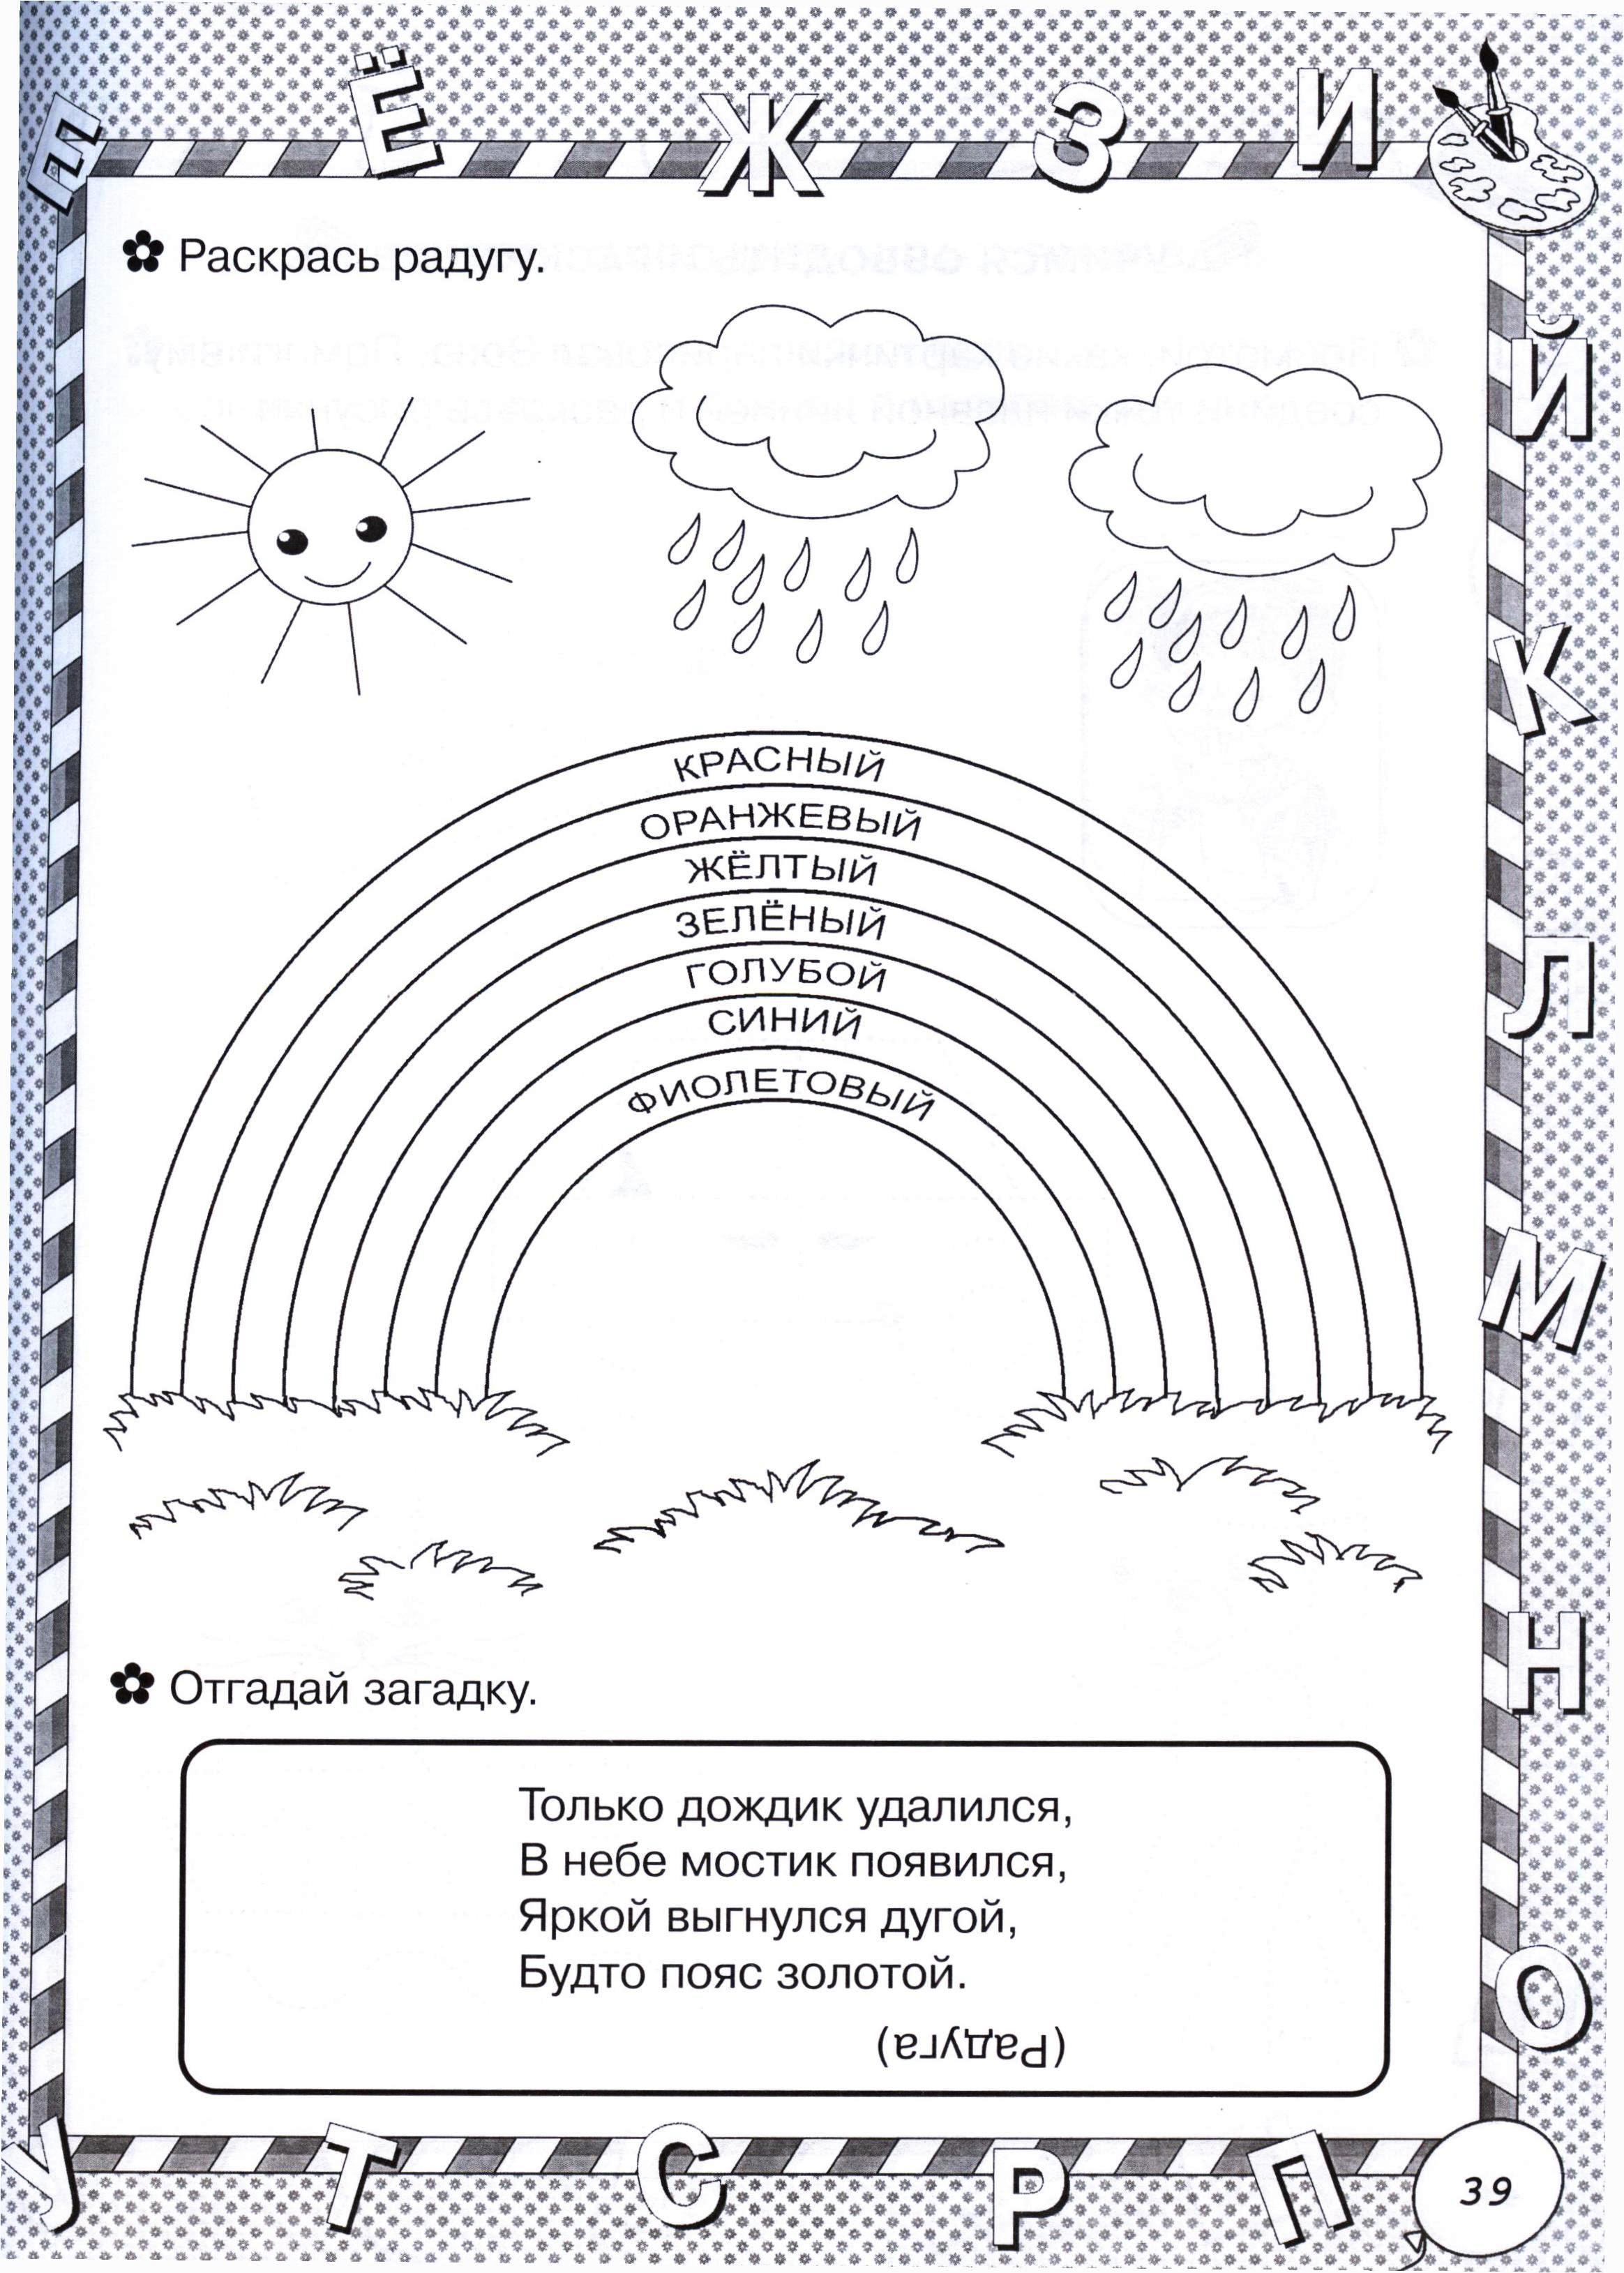 пропись Олеси Жуковой 003